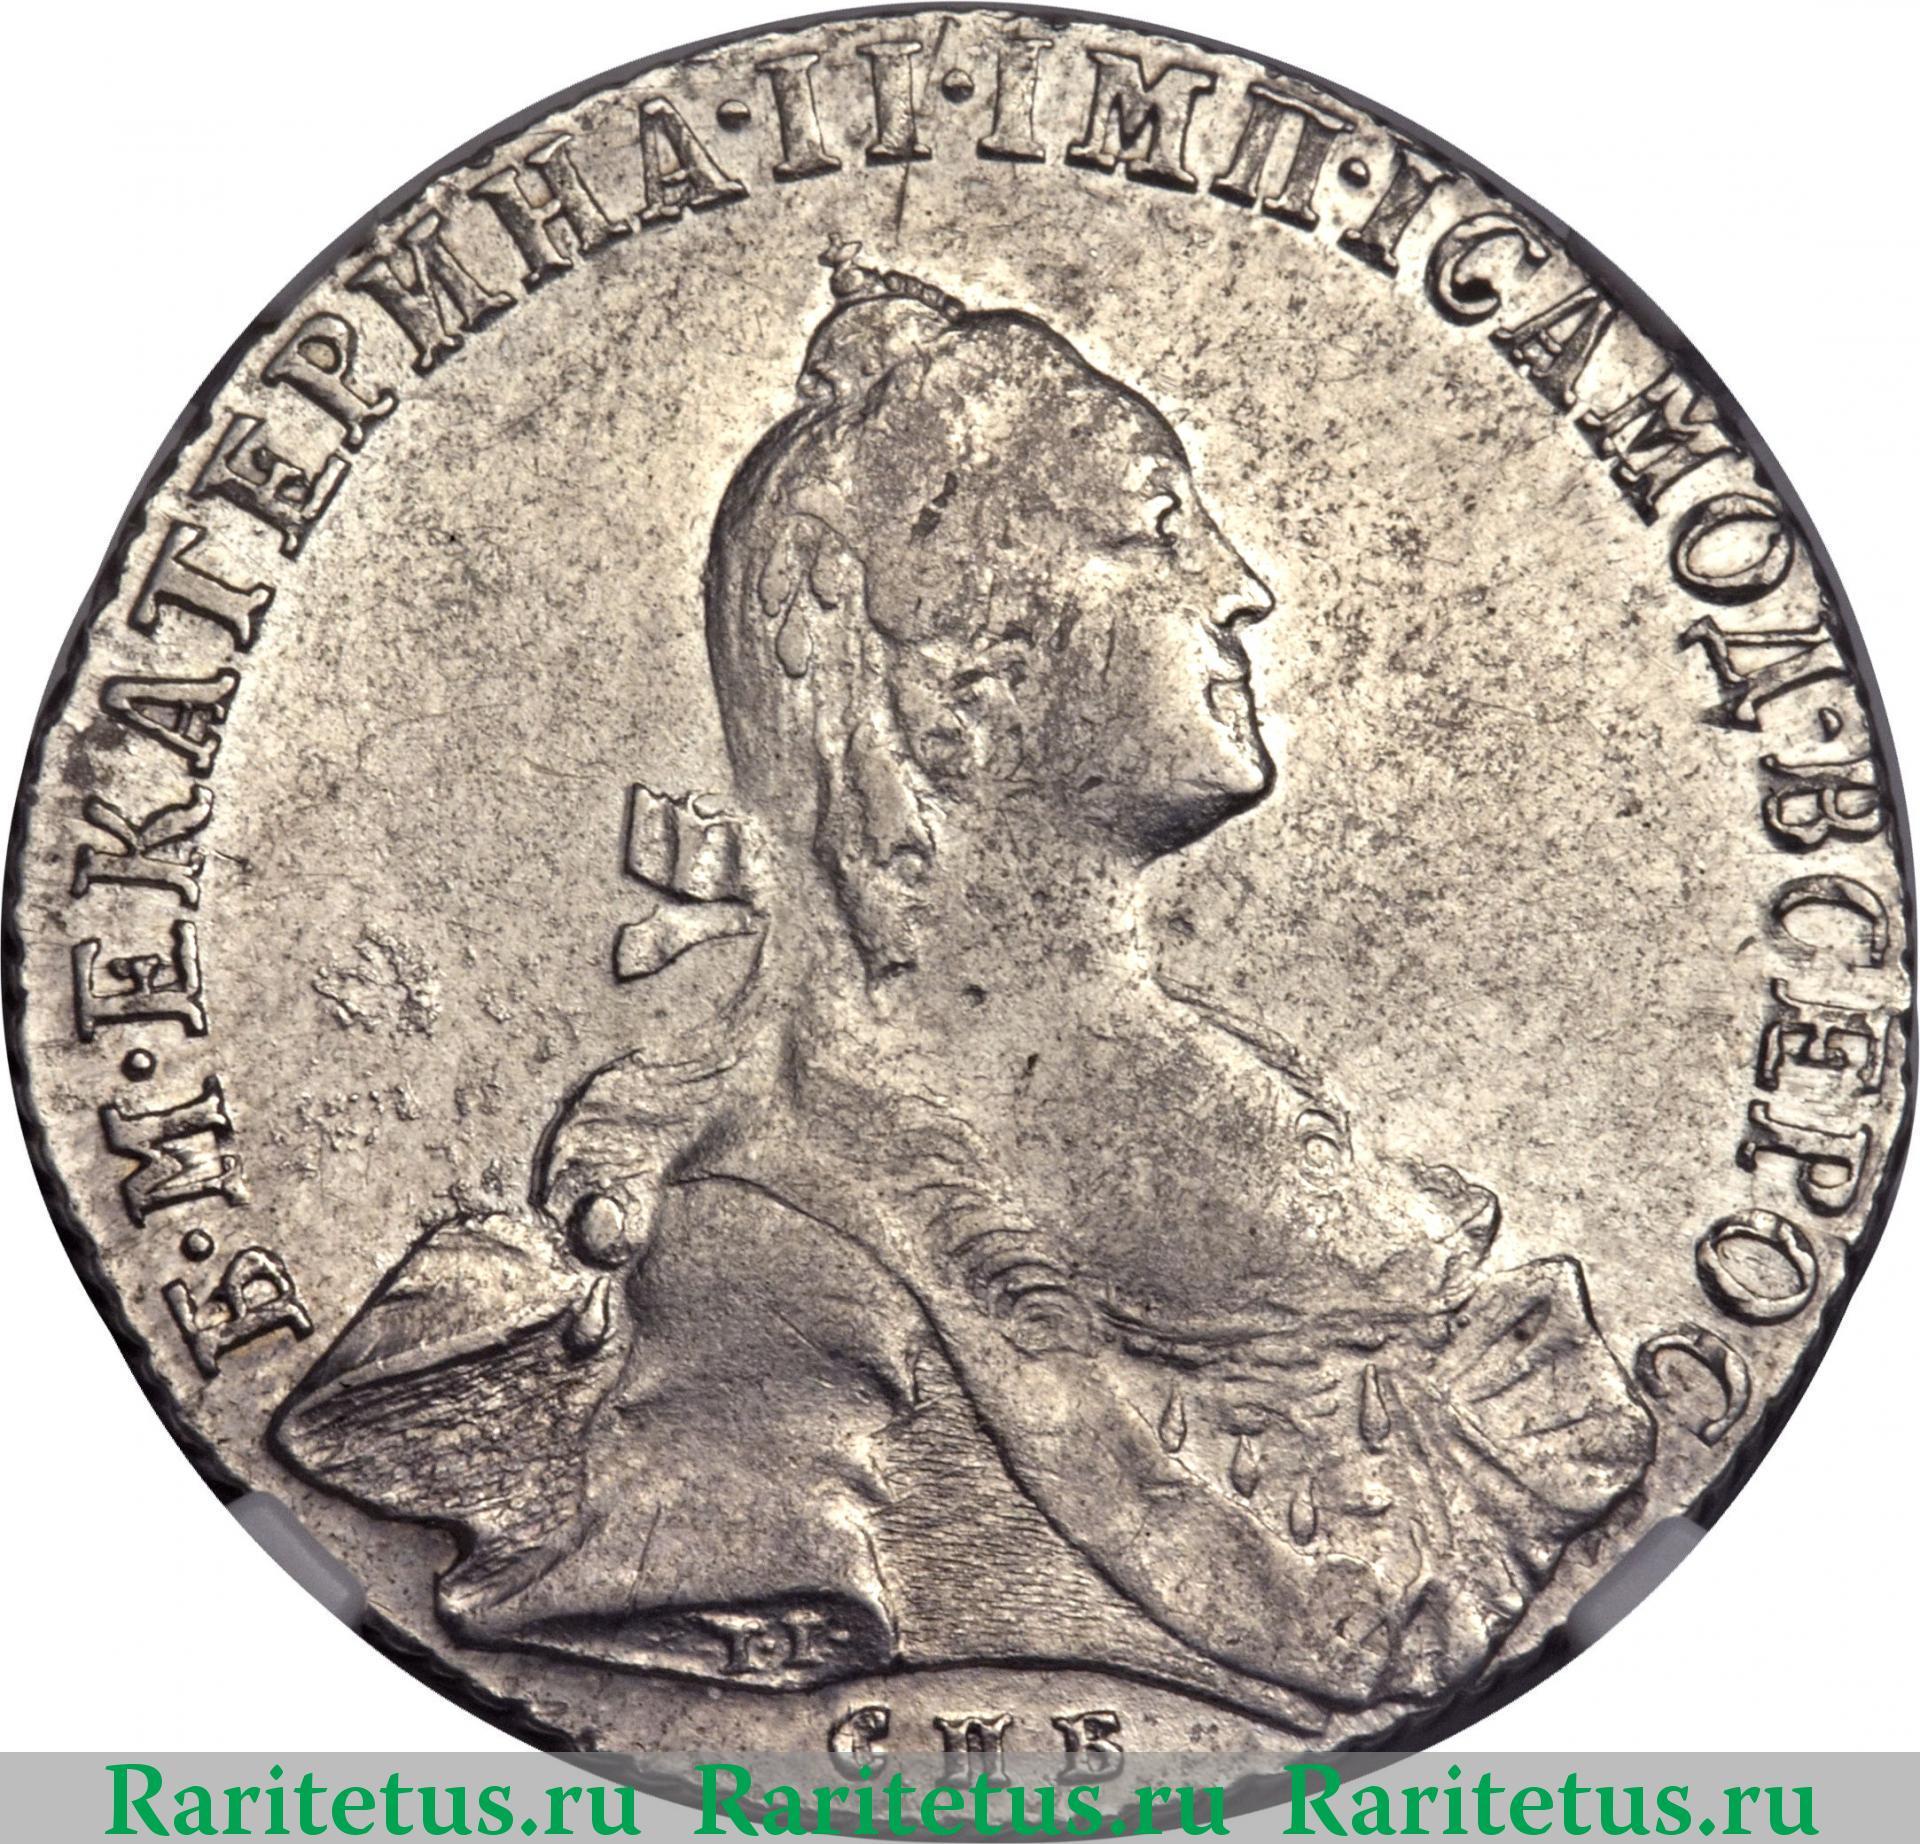 Монета рубль 1766 года екатерина цена сколько стоит 15 копеек 1978